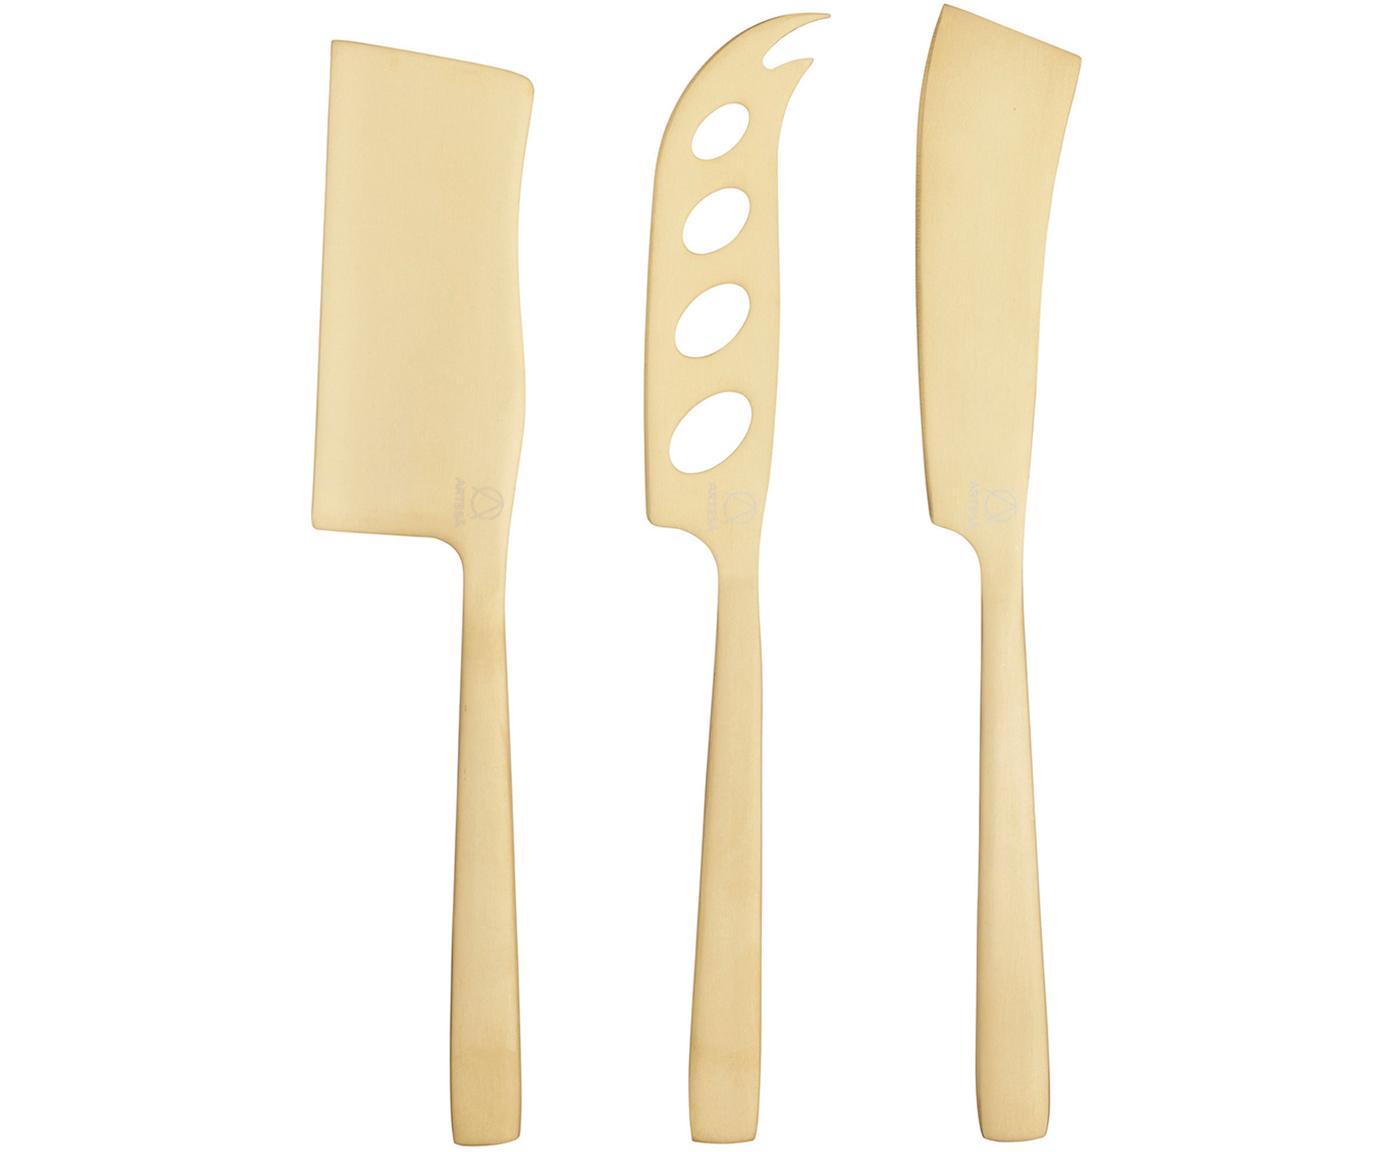 Komplet noży do sera ze stali szlachetnej Art, 3 elem., Stal szlachetna, powlekana, Odcienie mosiądzu, D 230 x W 10 cm